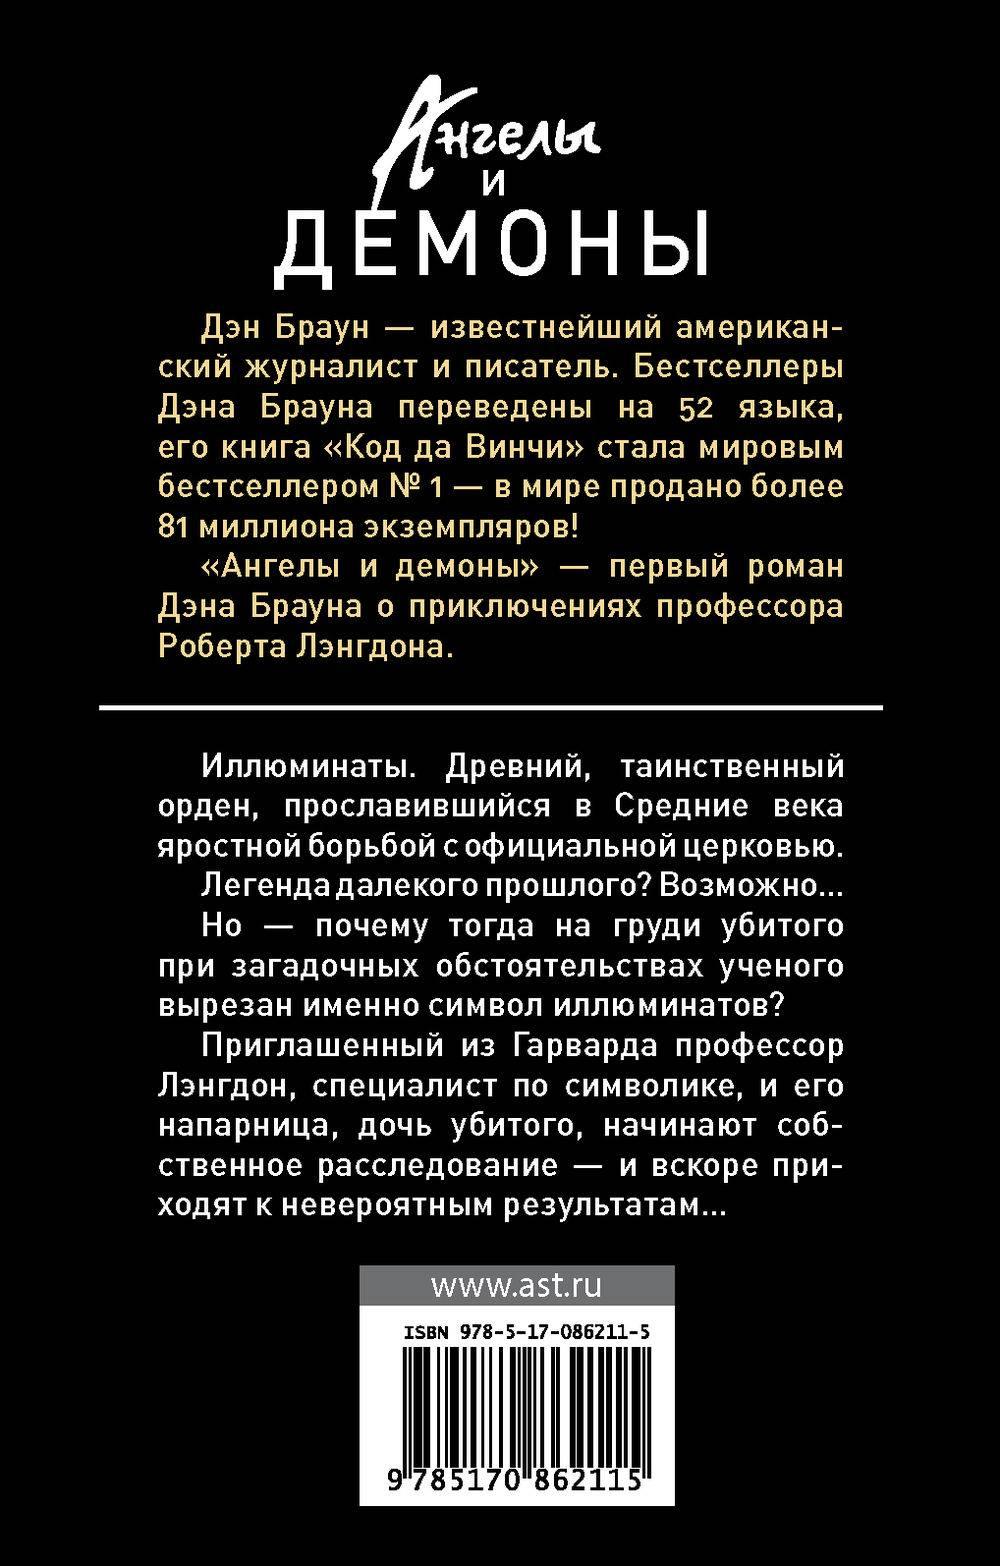 поселка дэн браун книги не переведенные на русский язык убрать наклейку клей